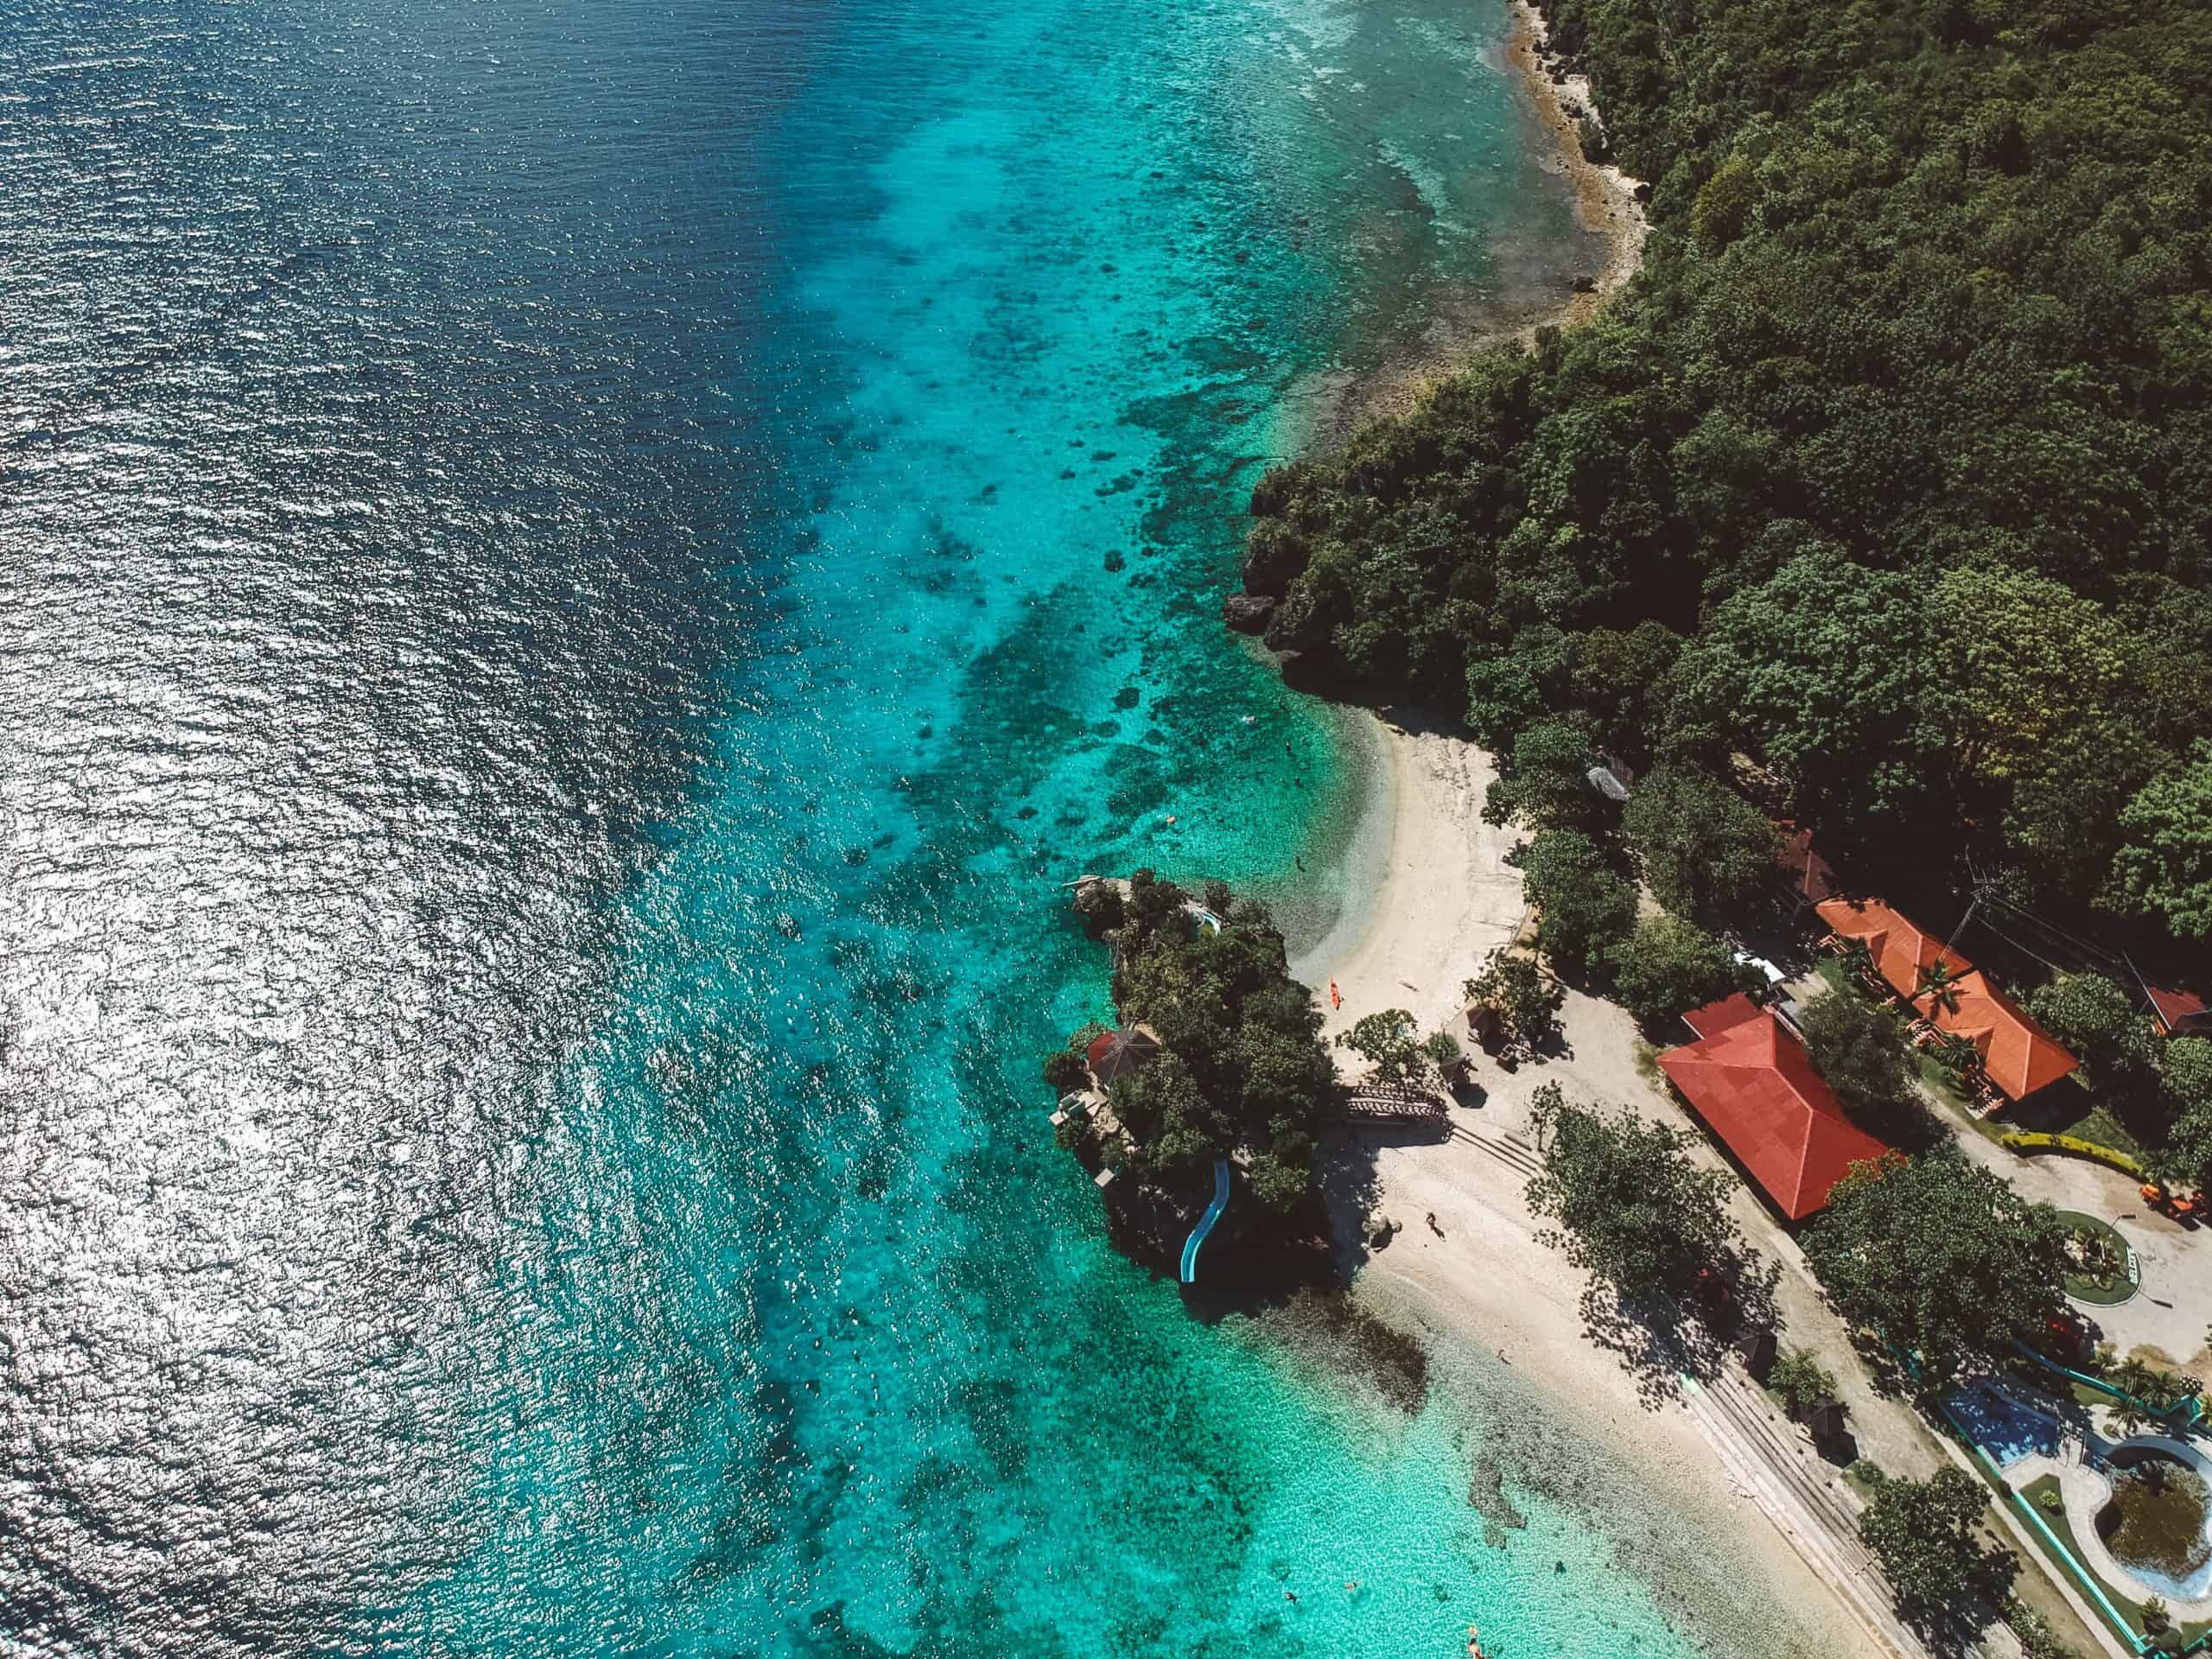 Salagdoong beach, Salagdoong beach resort, Salagdoong beach entrance fee